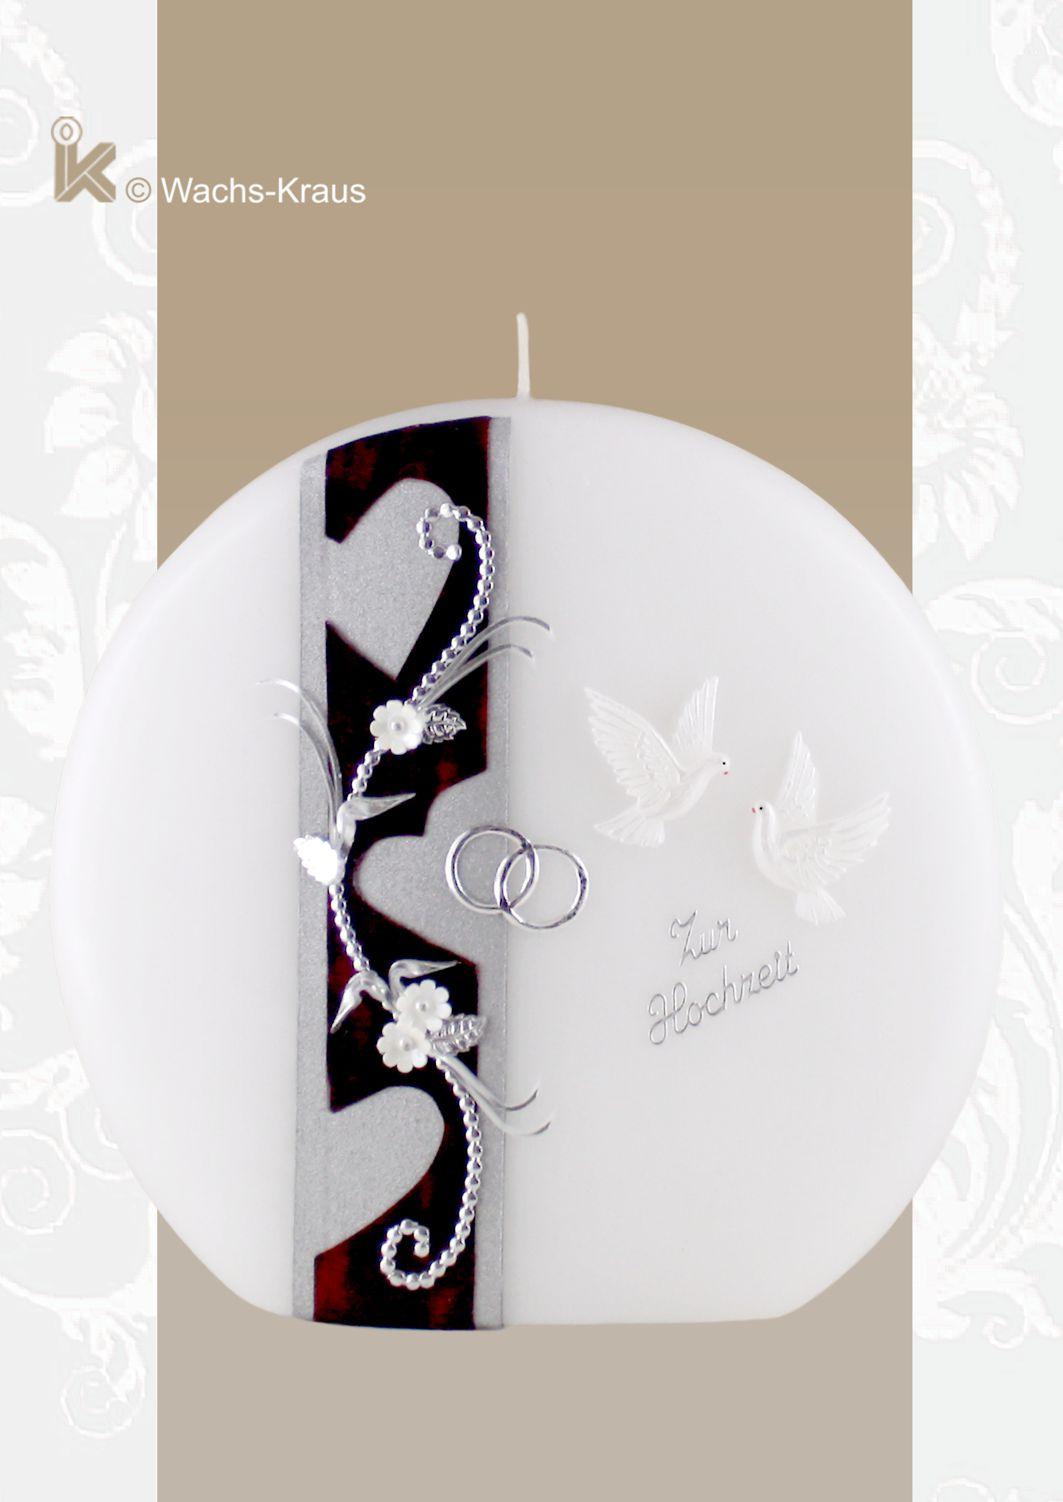 Hochzeitskerze in Scheiben-Form verziert mit Herzen und Tauben